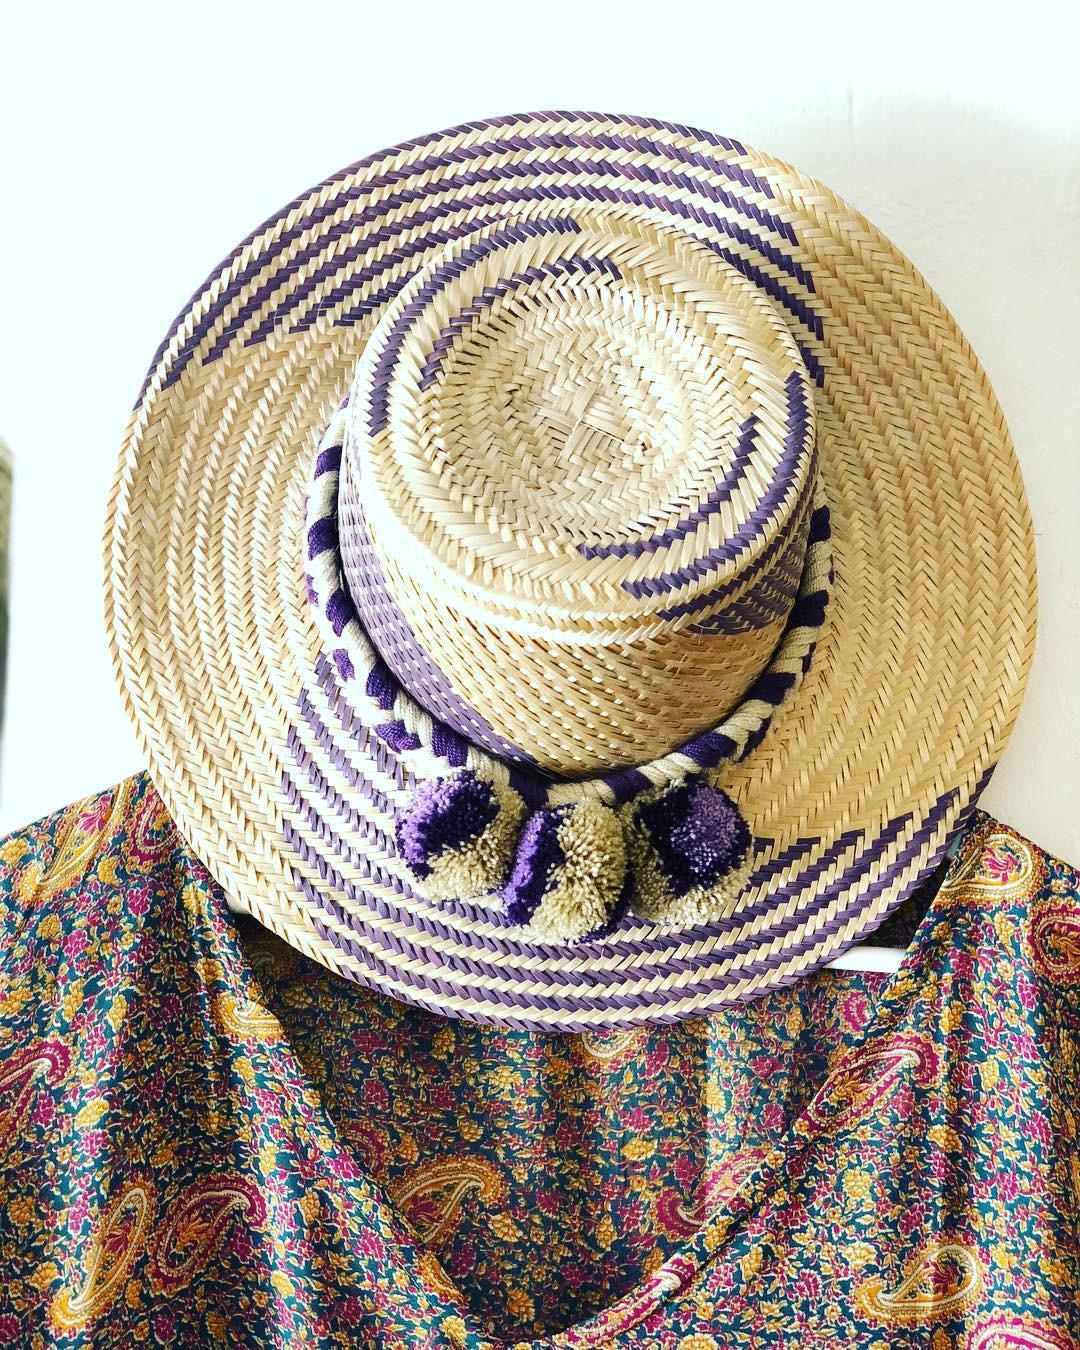 8 kiểu thời trang bãi biển đã lỗi thời, chị em cần tránh để không bị lạc lõng giữa kỳ nghỉ hè - Ảnh 14.